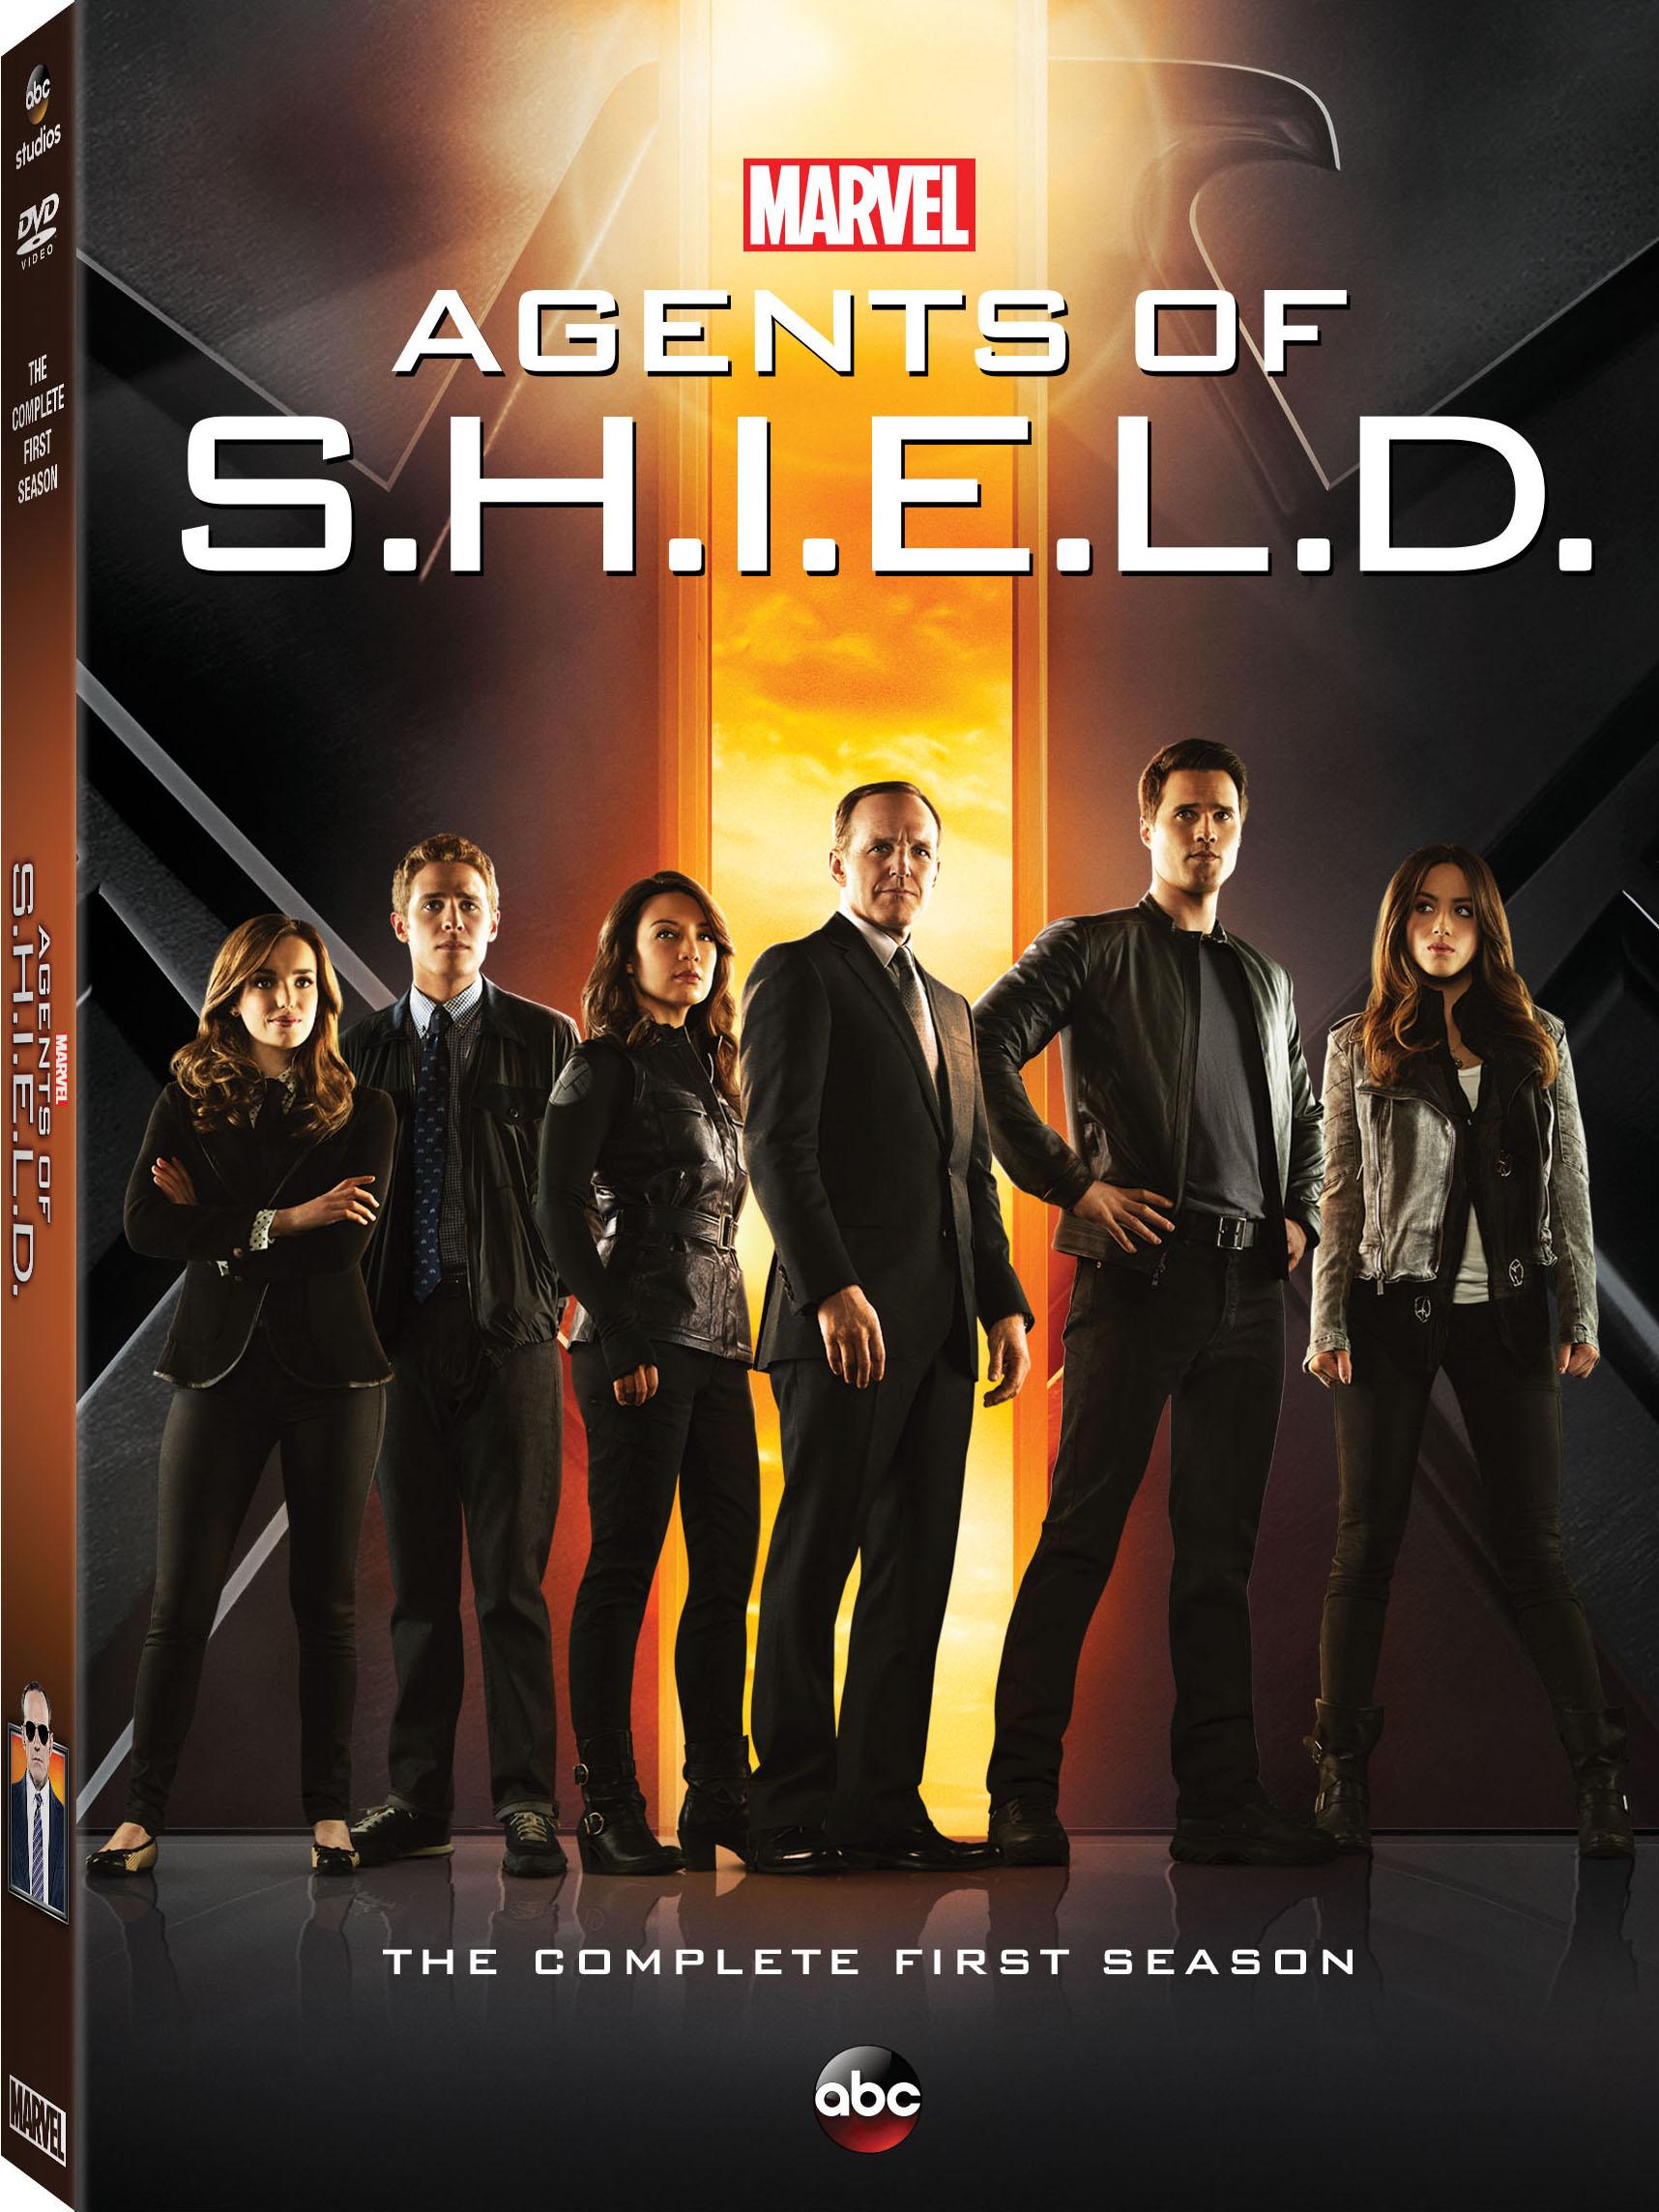 http://ist3-2.filesor.com/pimpandhost.com/1/1/2/0/112024/3/E/O/H/3EOHz/Agents.Of.S.H.I.E.L.D.S01.jpg